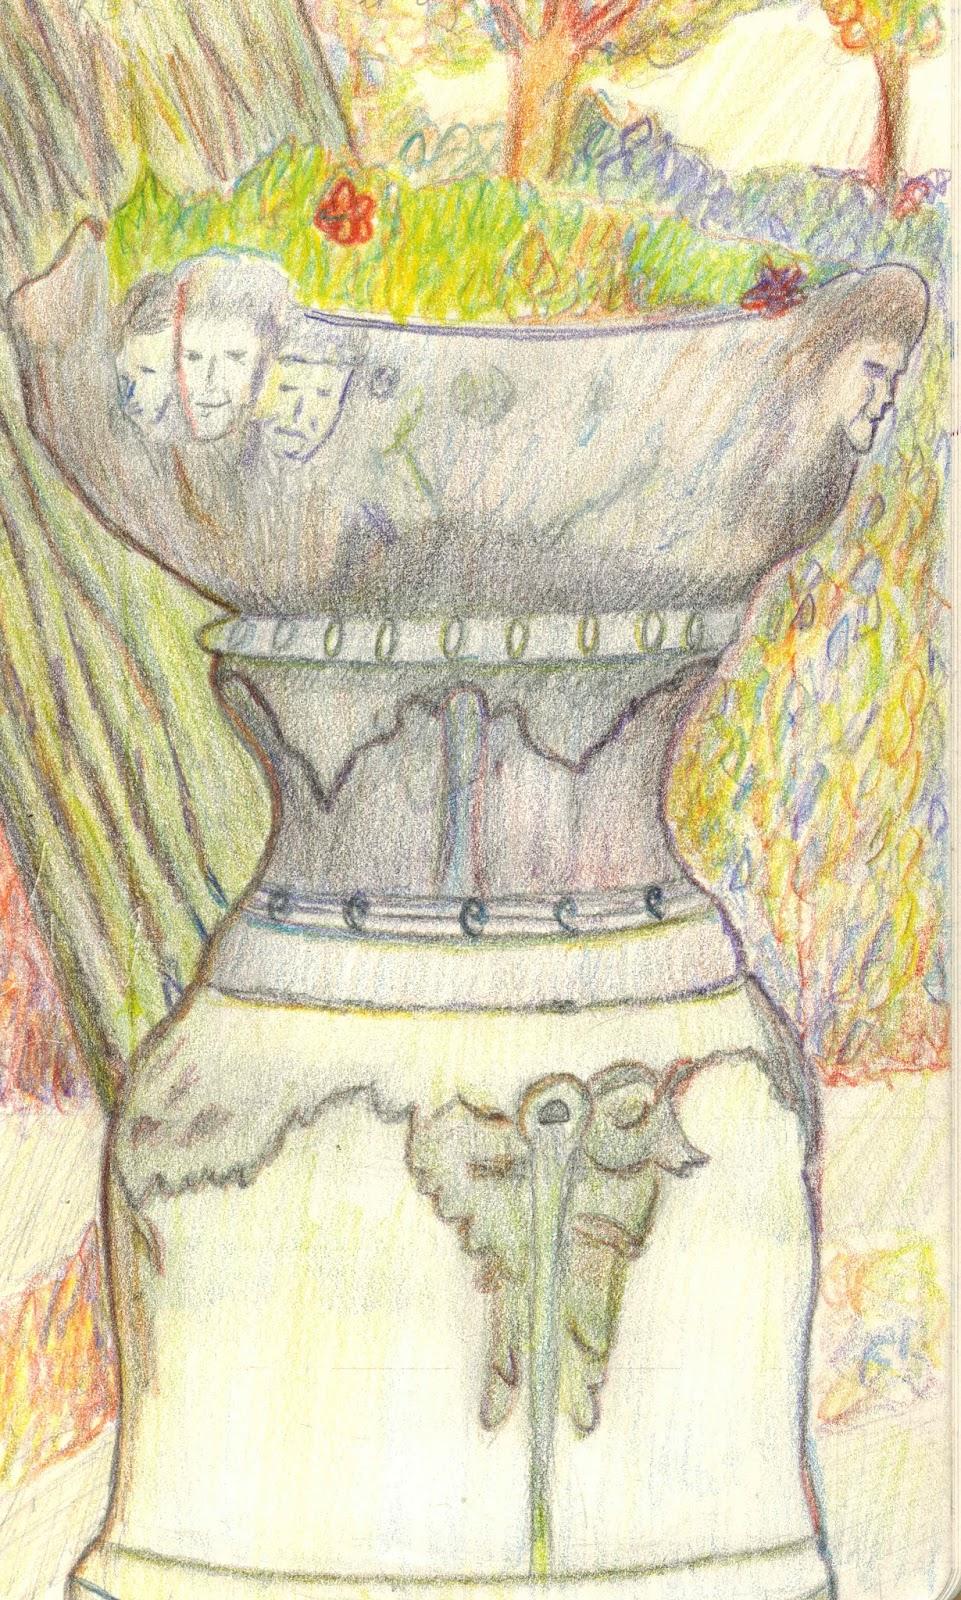 Un passeport pour revivre dessiner boulogne billancourt - Dessiner un vase ...